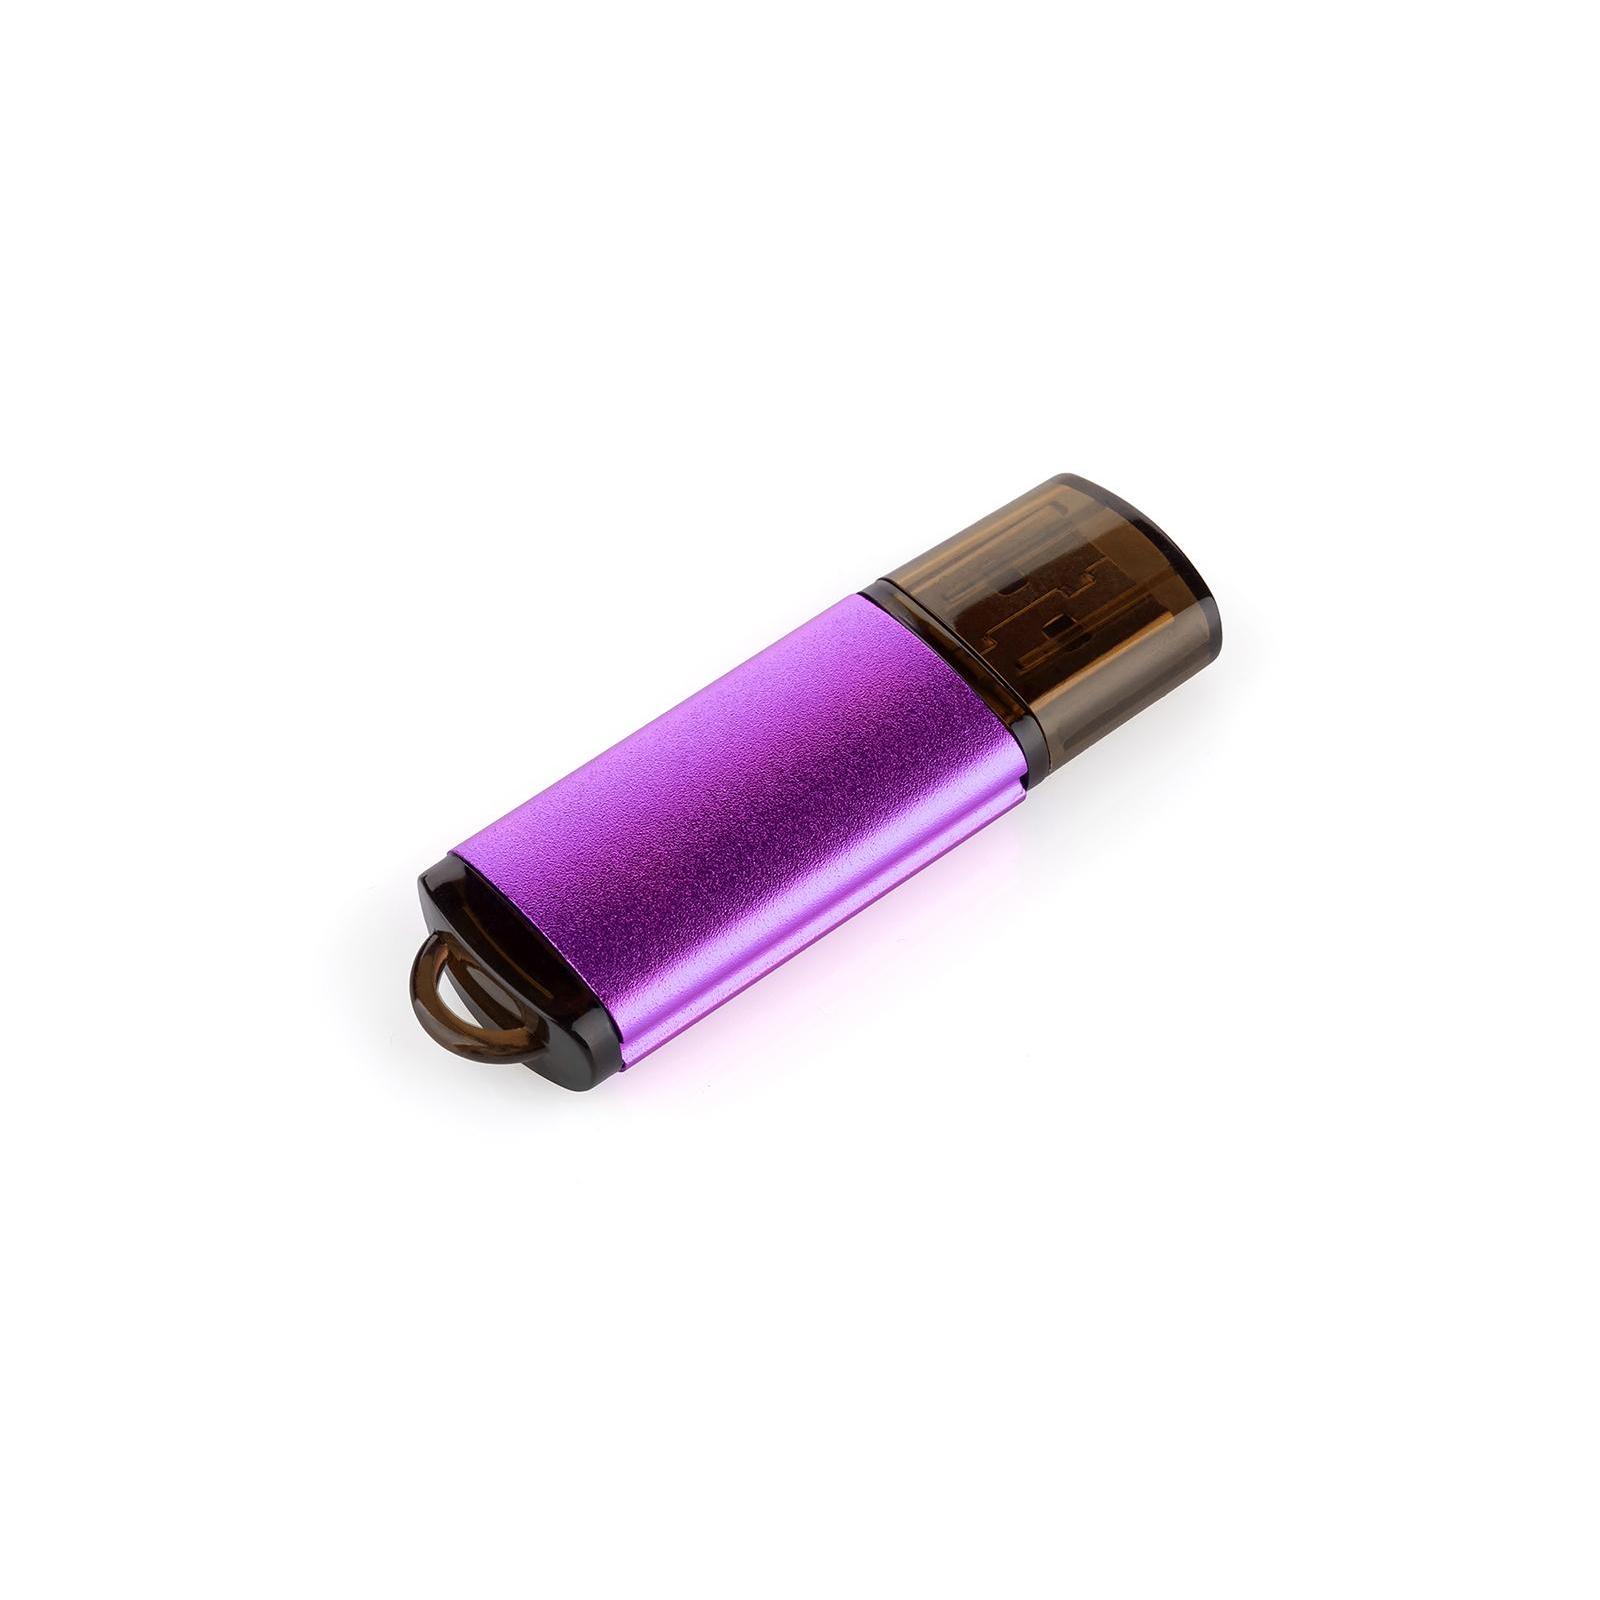 USB флеш накопитель eXceleram 32GB A3 Series Red USB 3.1 Gen 1 (EXA3U3RE32) изображение 2